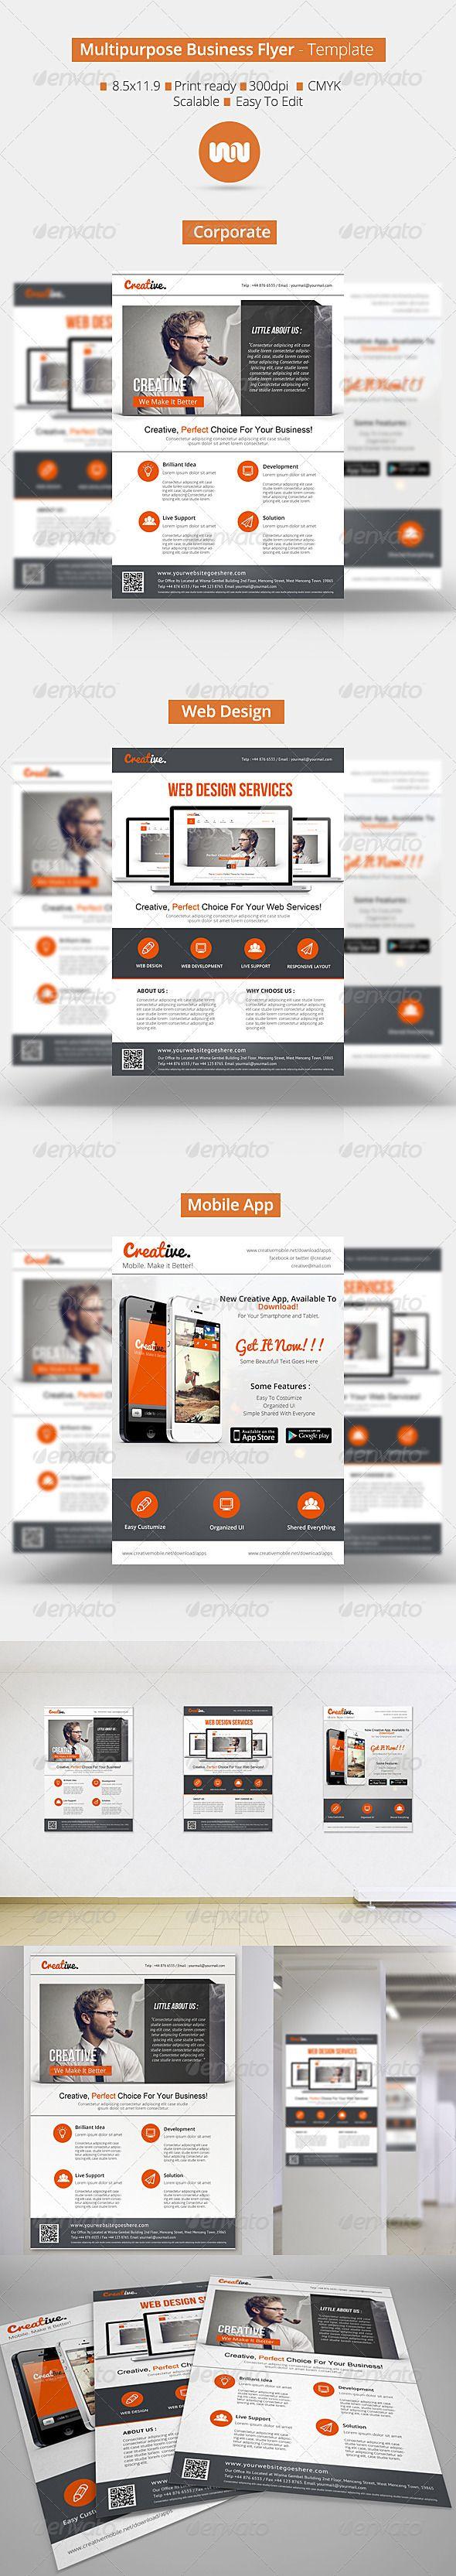 Best 25 business flyers ideas on pinterest business flyer multipurpose business flyer template pronofoot35fo Gallery